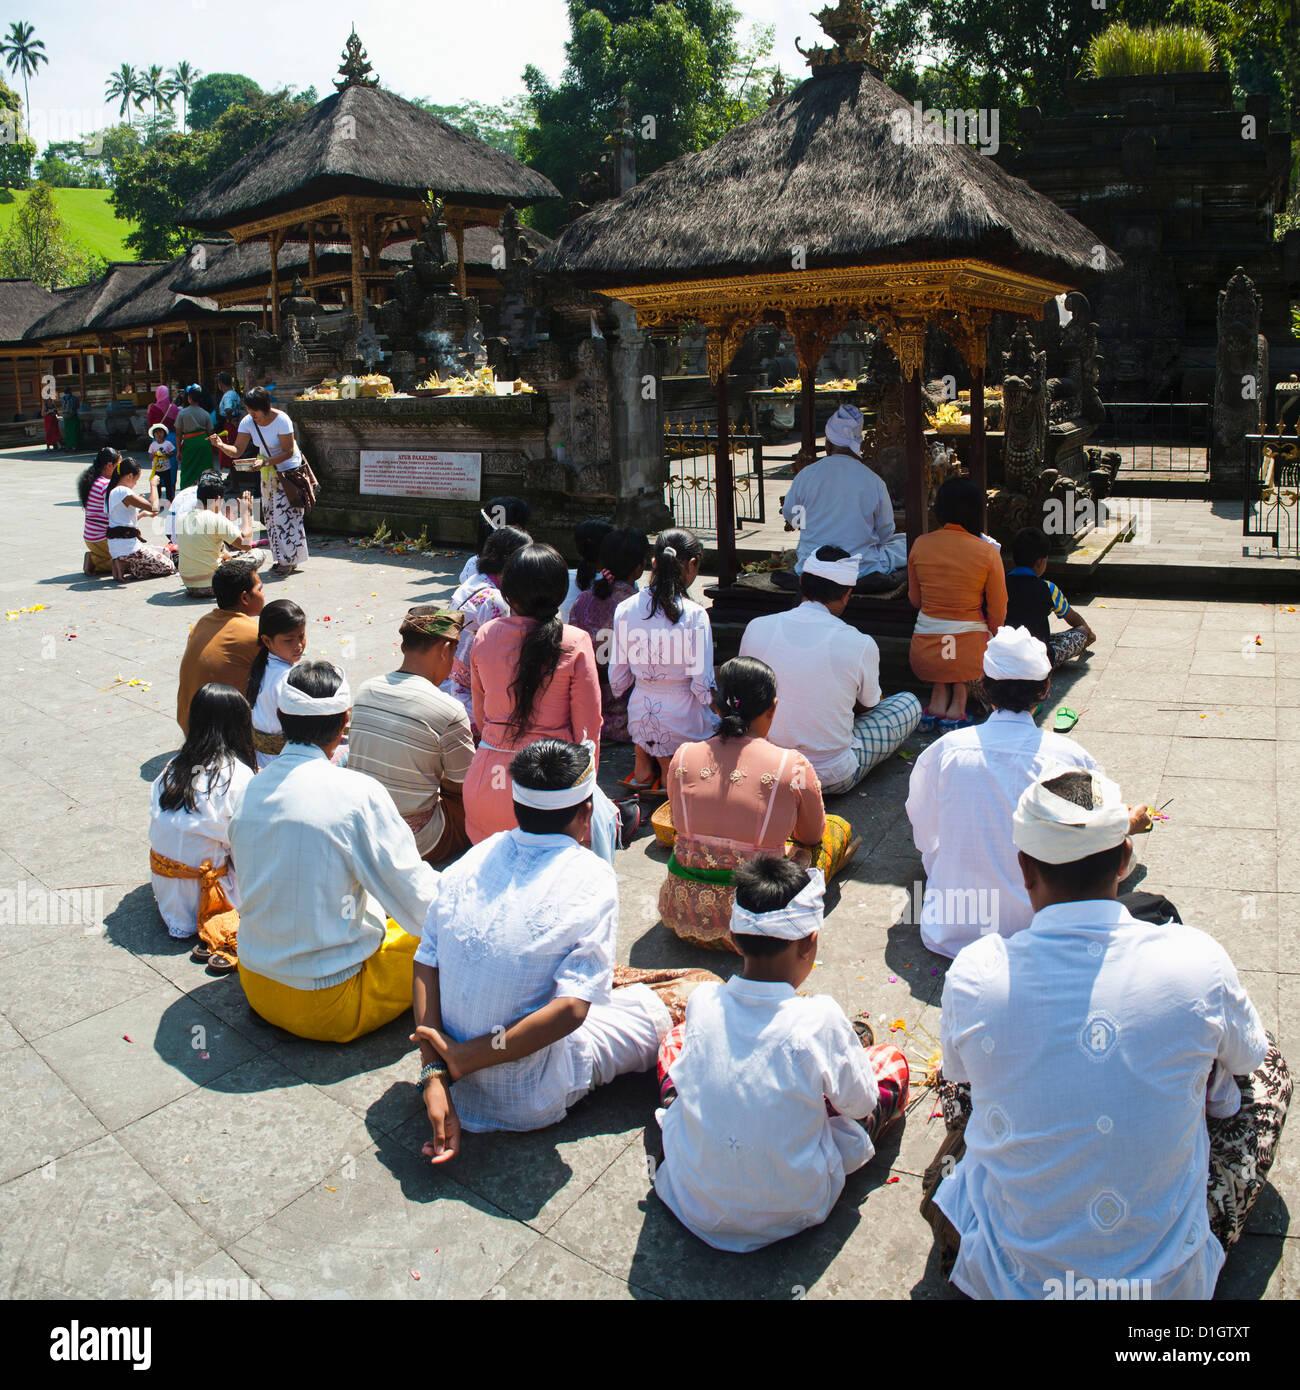 Groupe d'hindous priaient à Pura Temple Tirta Empul, Bali, Indonésie, Asie du Sud, Asie Banque D'Images